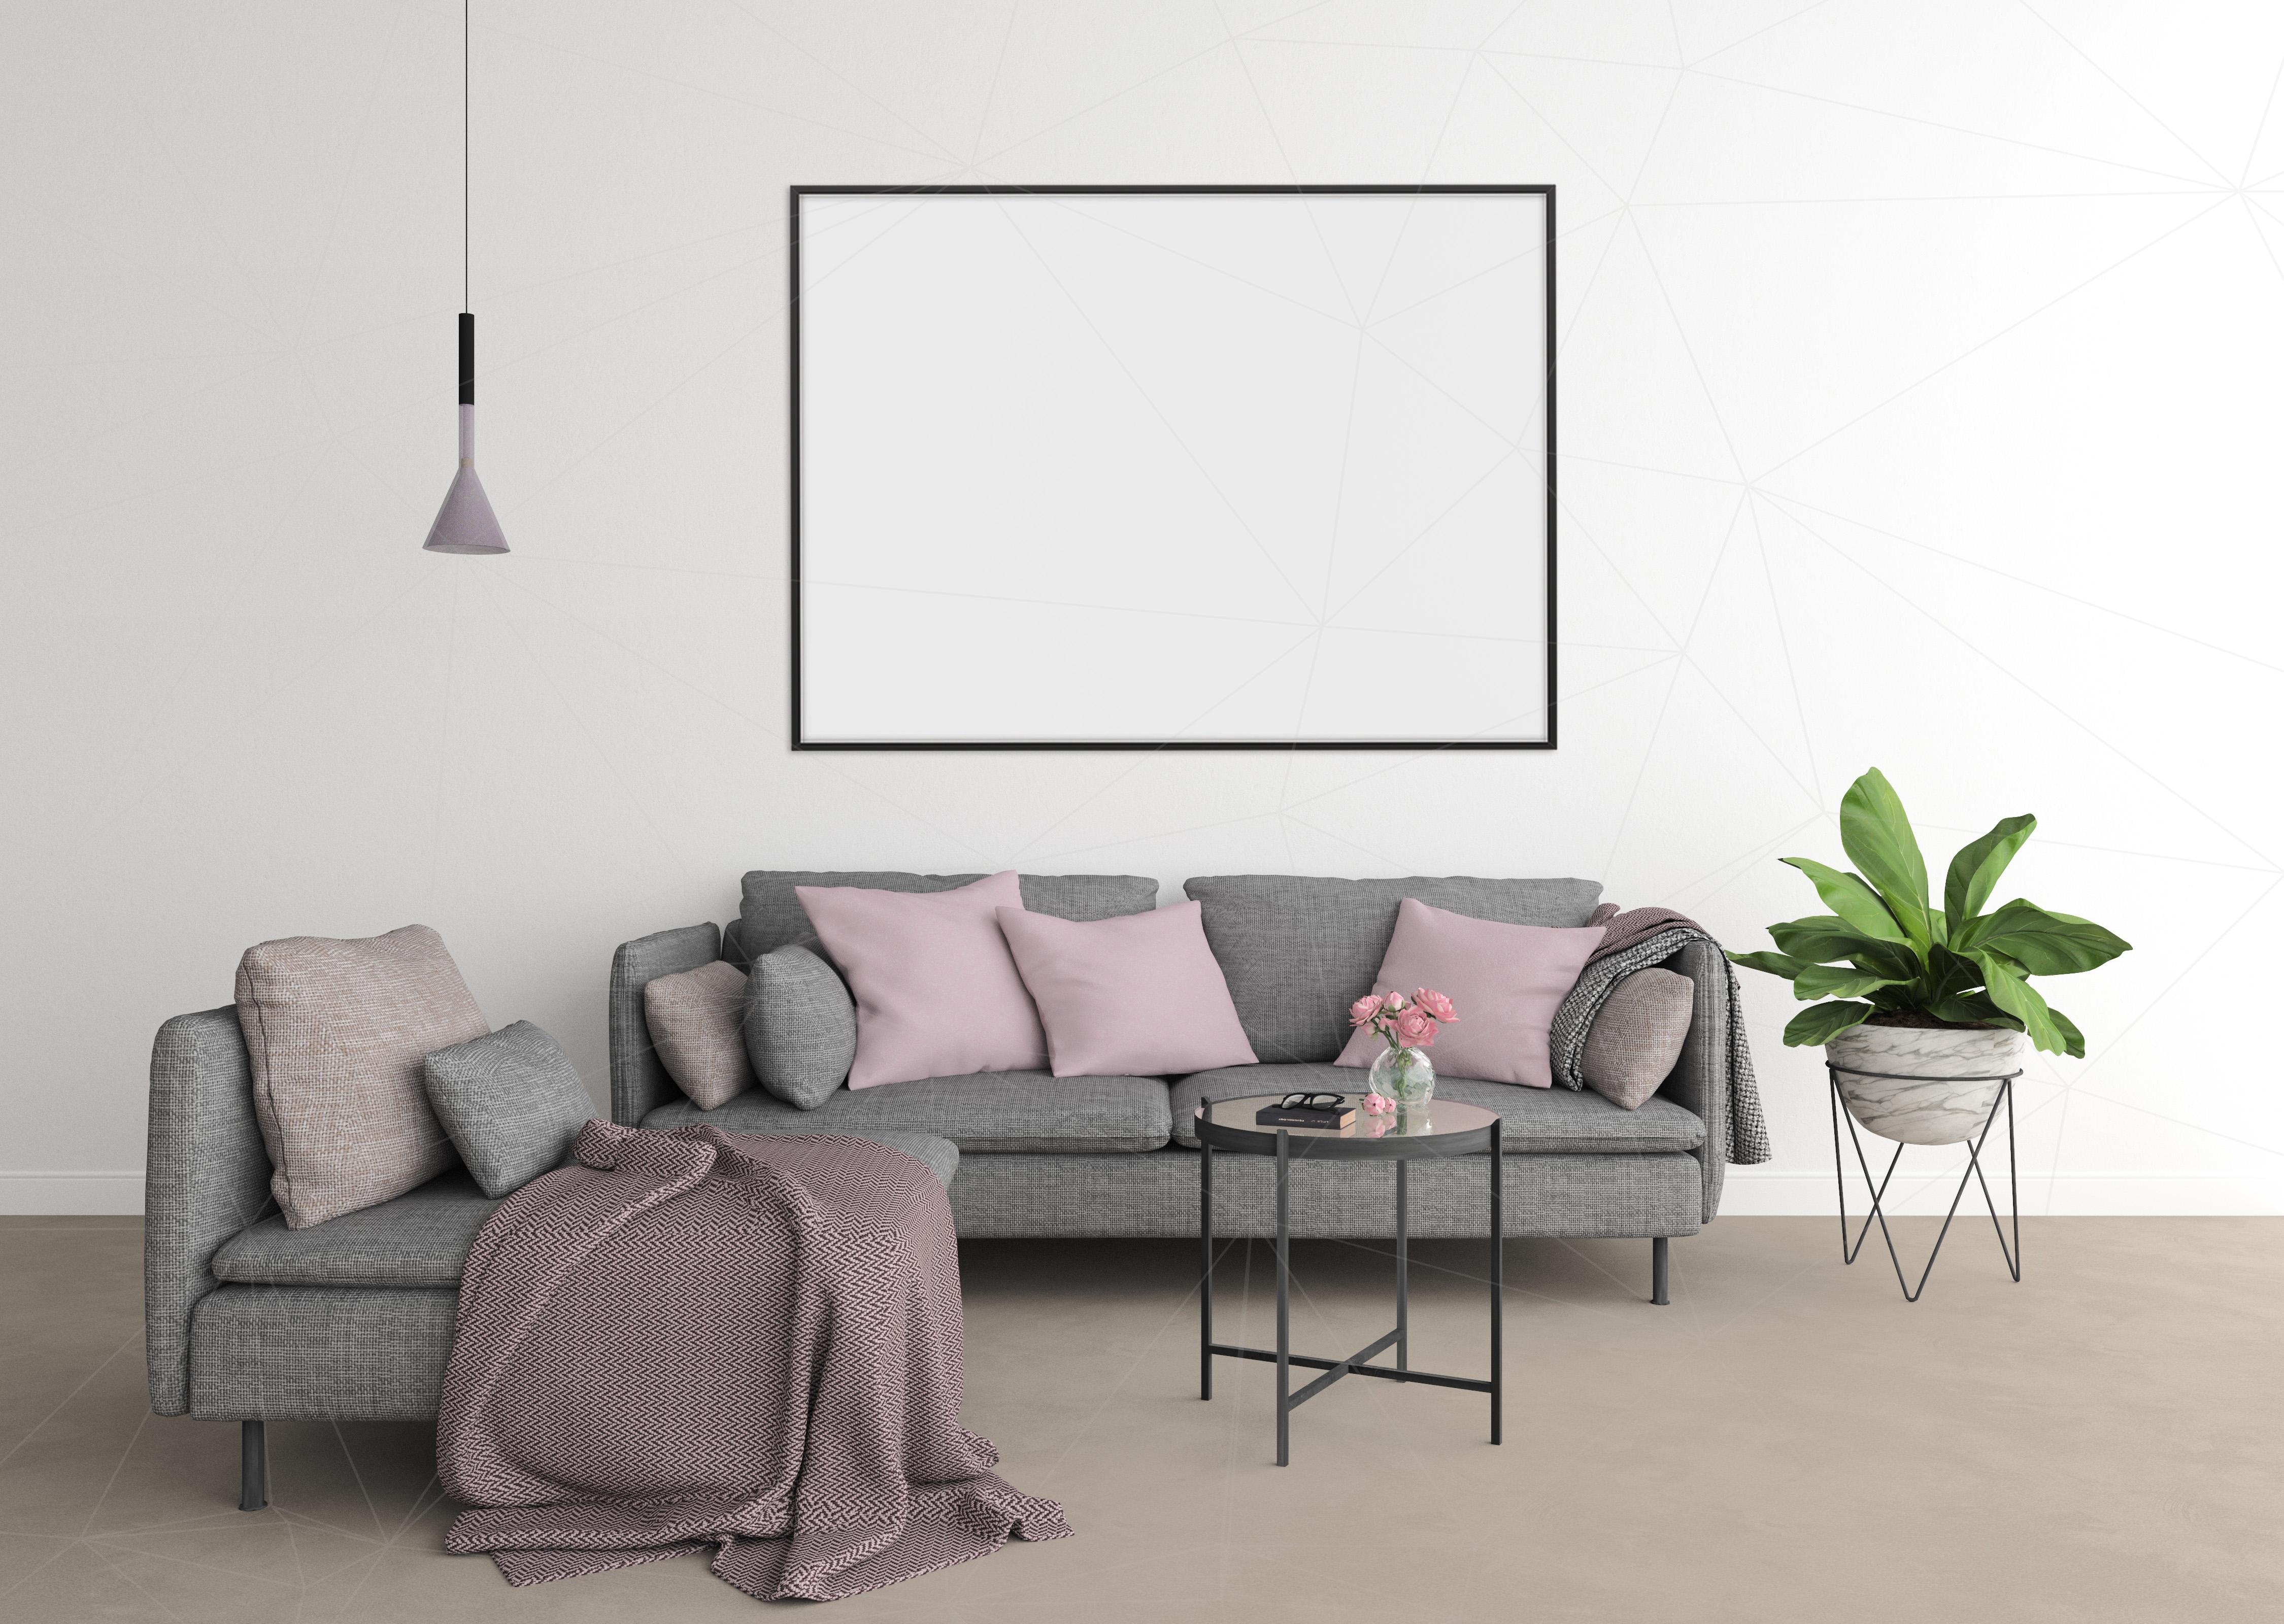 Interior mockup - blank wall mock up example image 4